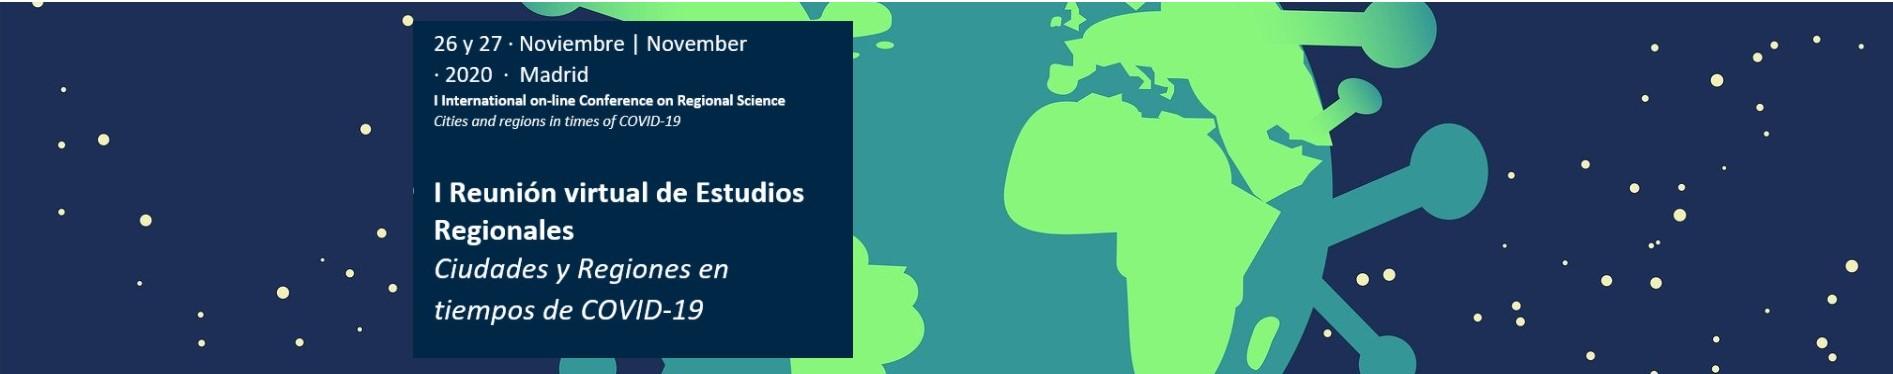 Reseña I Reunión Virtual de Estudios Regionales